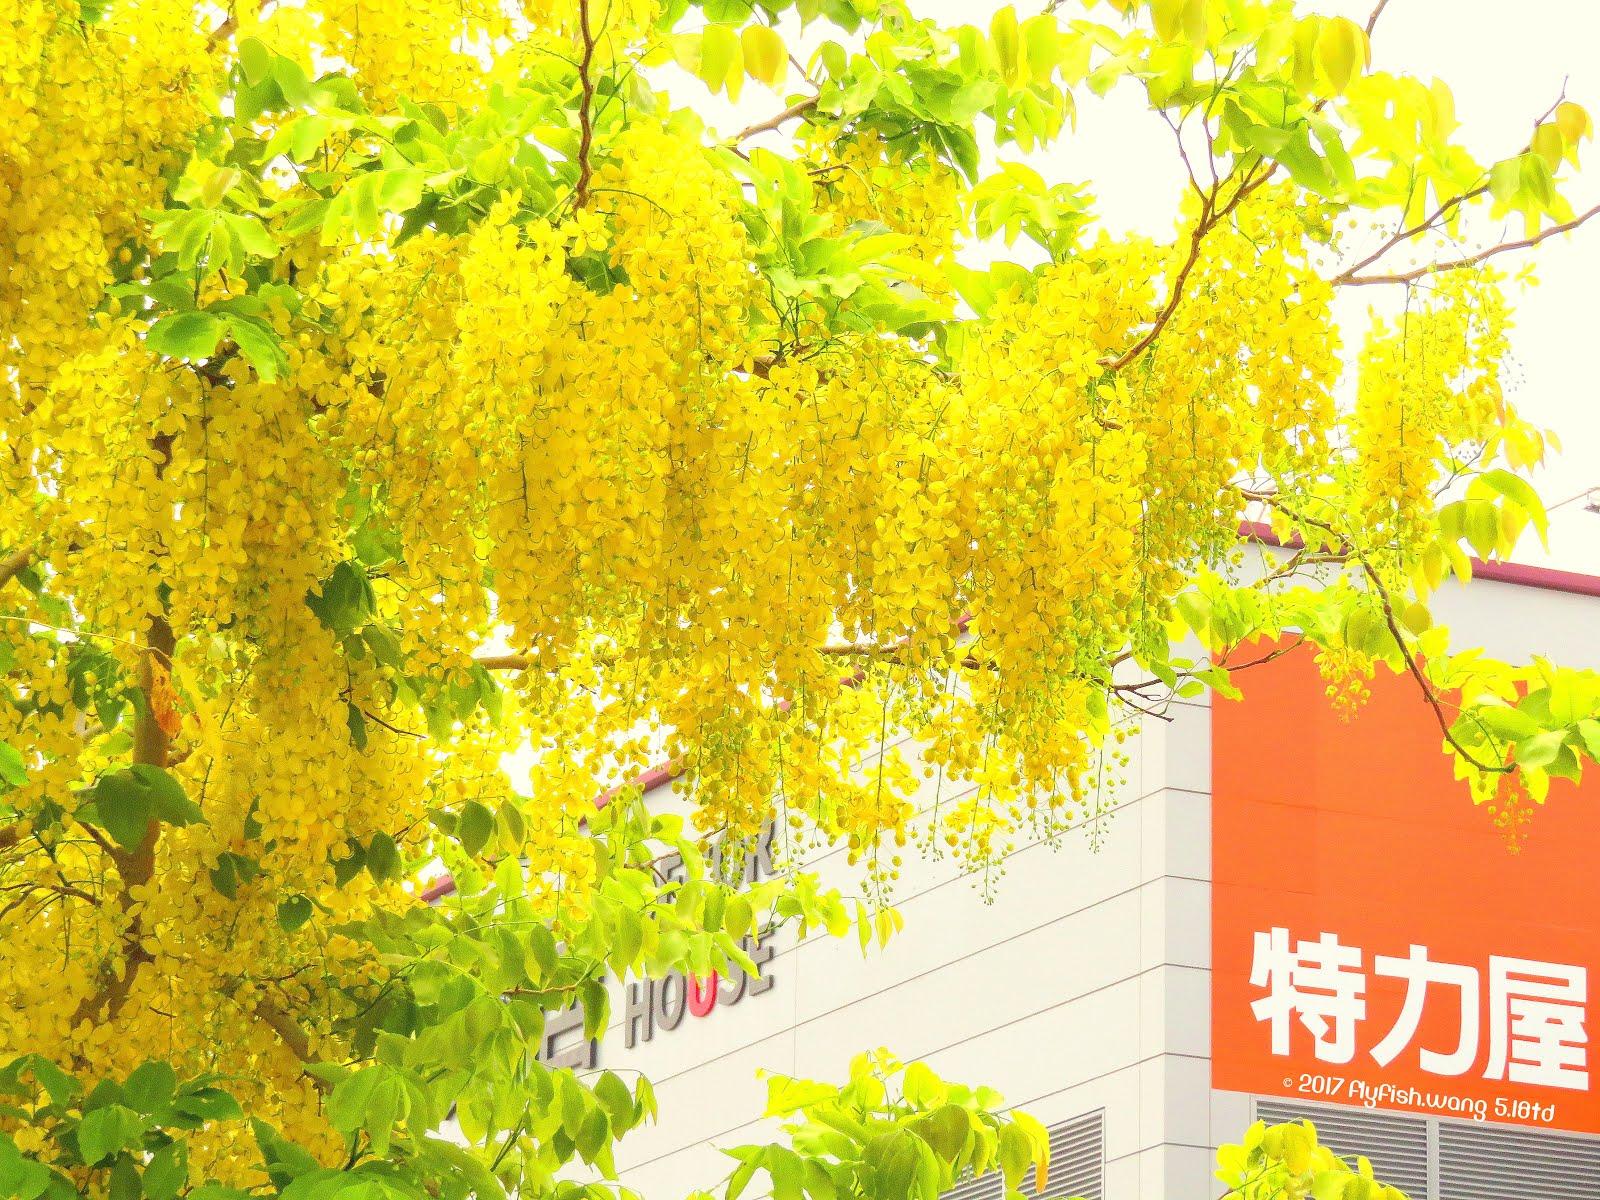 【台南仁德。春季阿勃勒/黃金雨獵影2017】05.18TDRF - 東門路三段182縣道 31°c